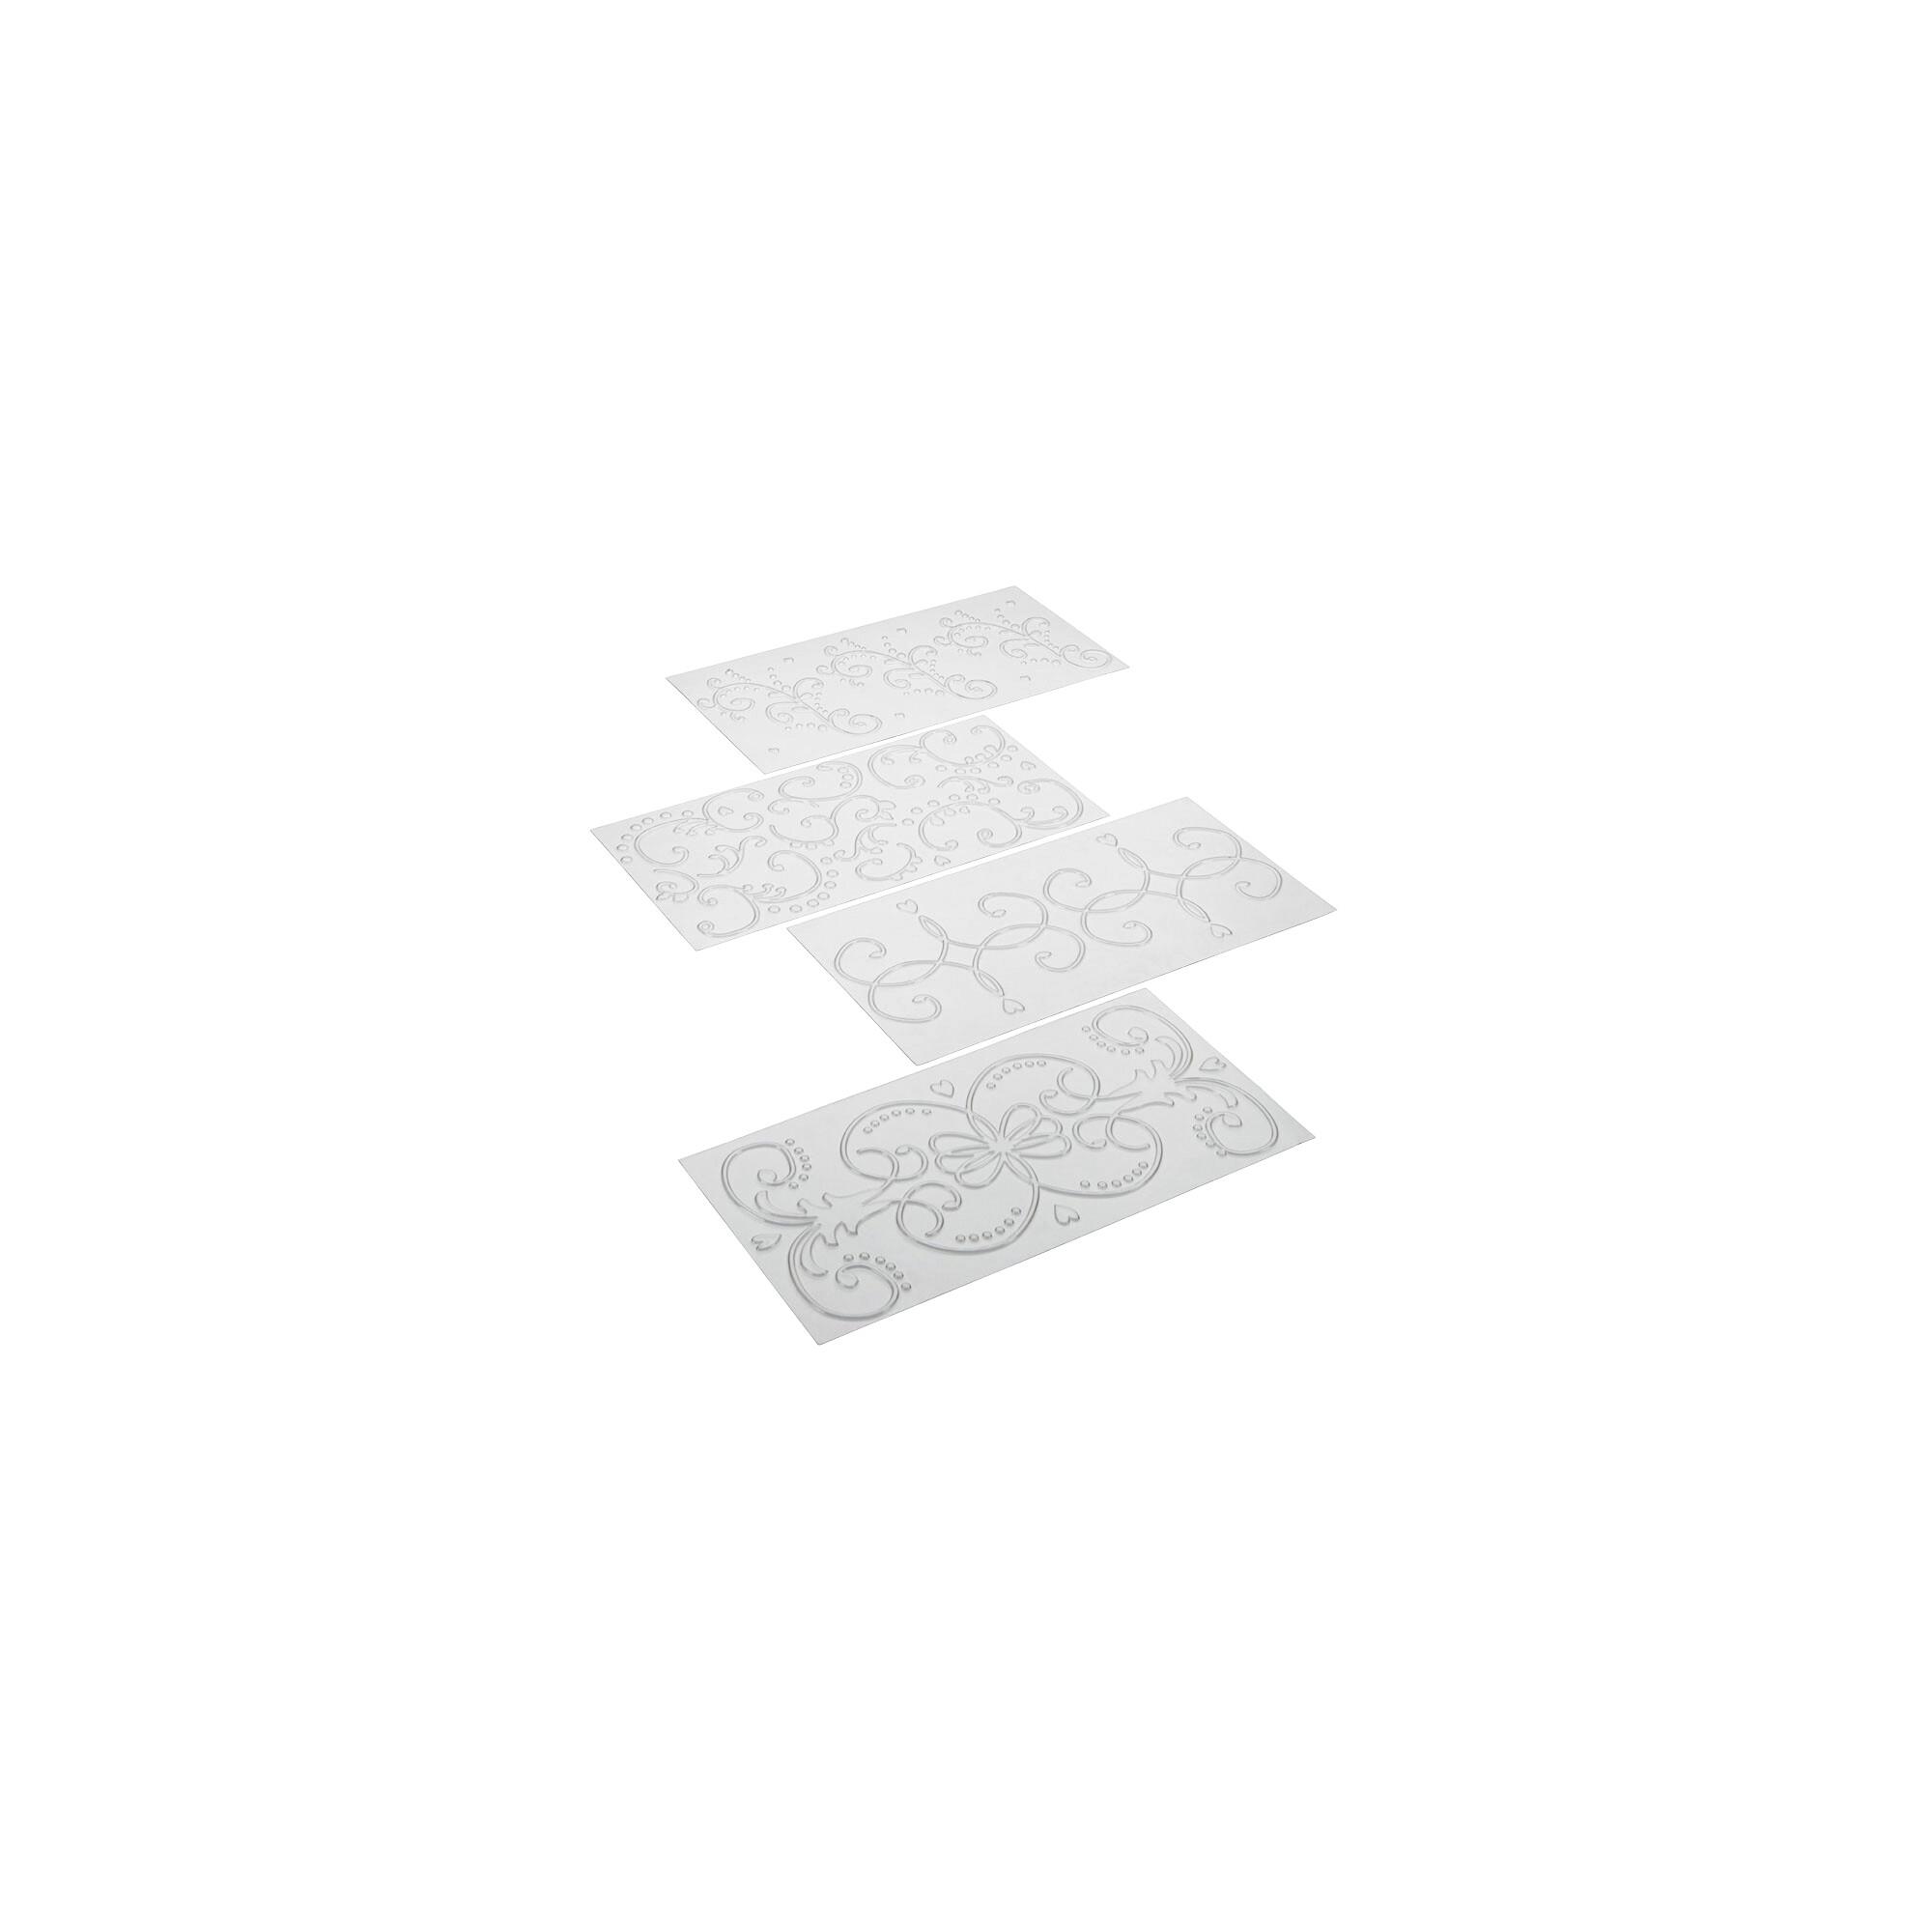 Struktur- und Prägematte - Ornament - Set, 4-teilig